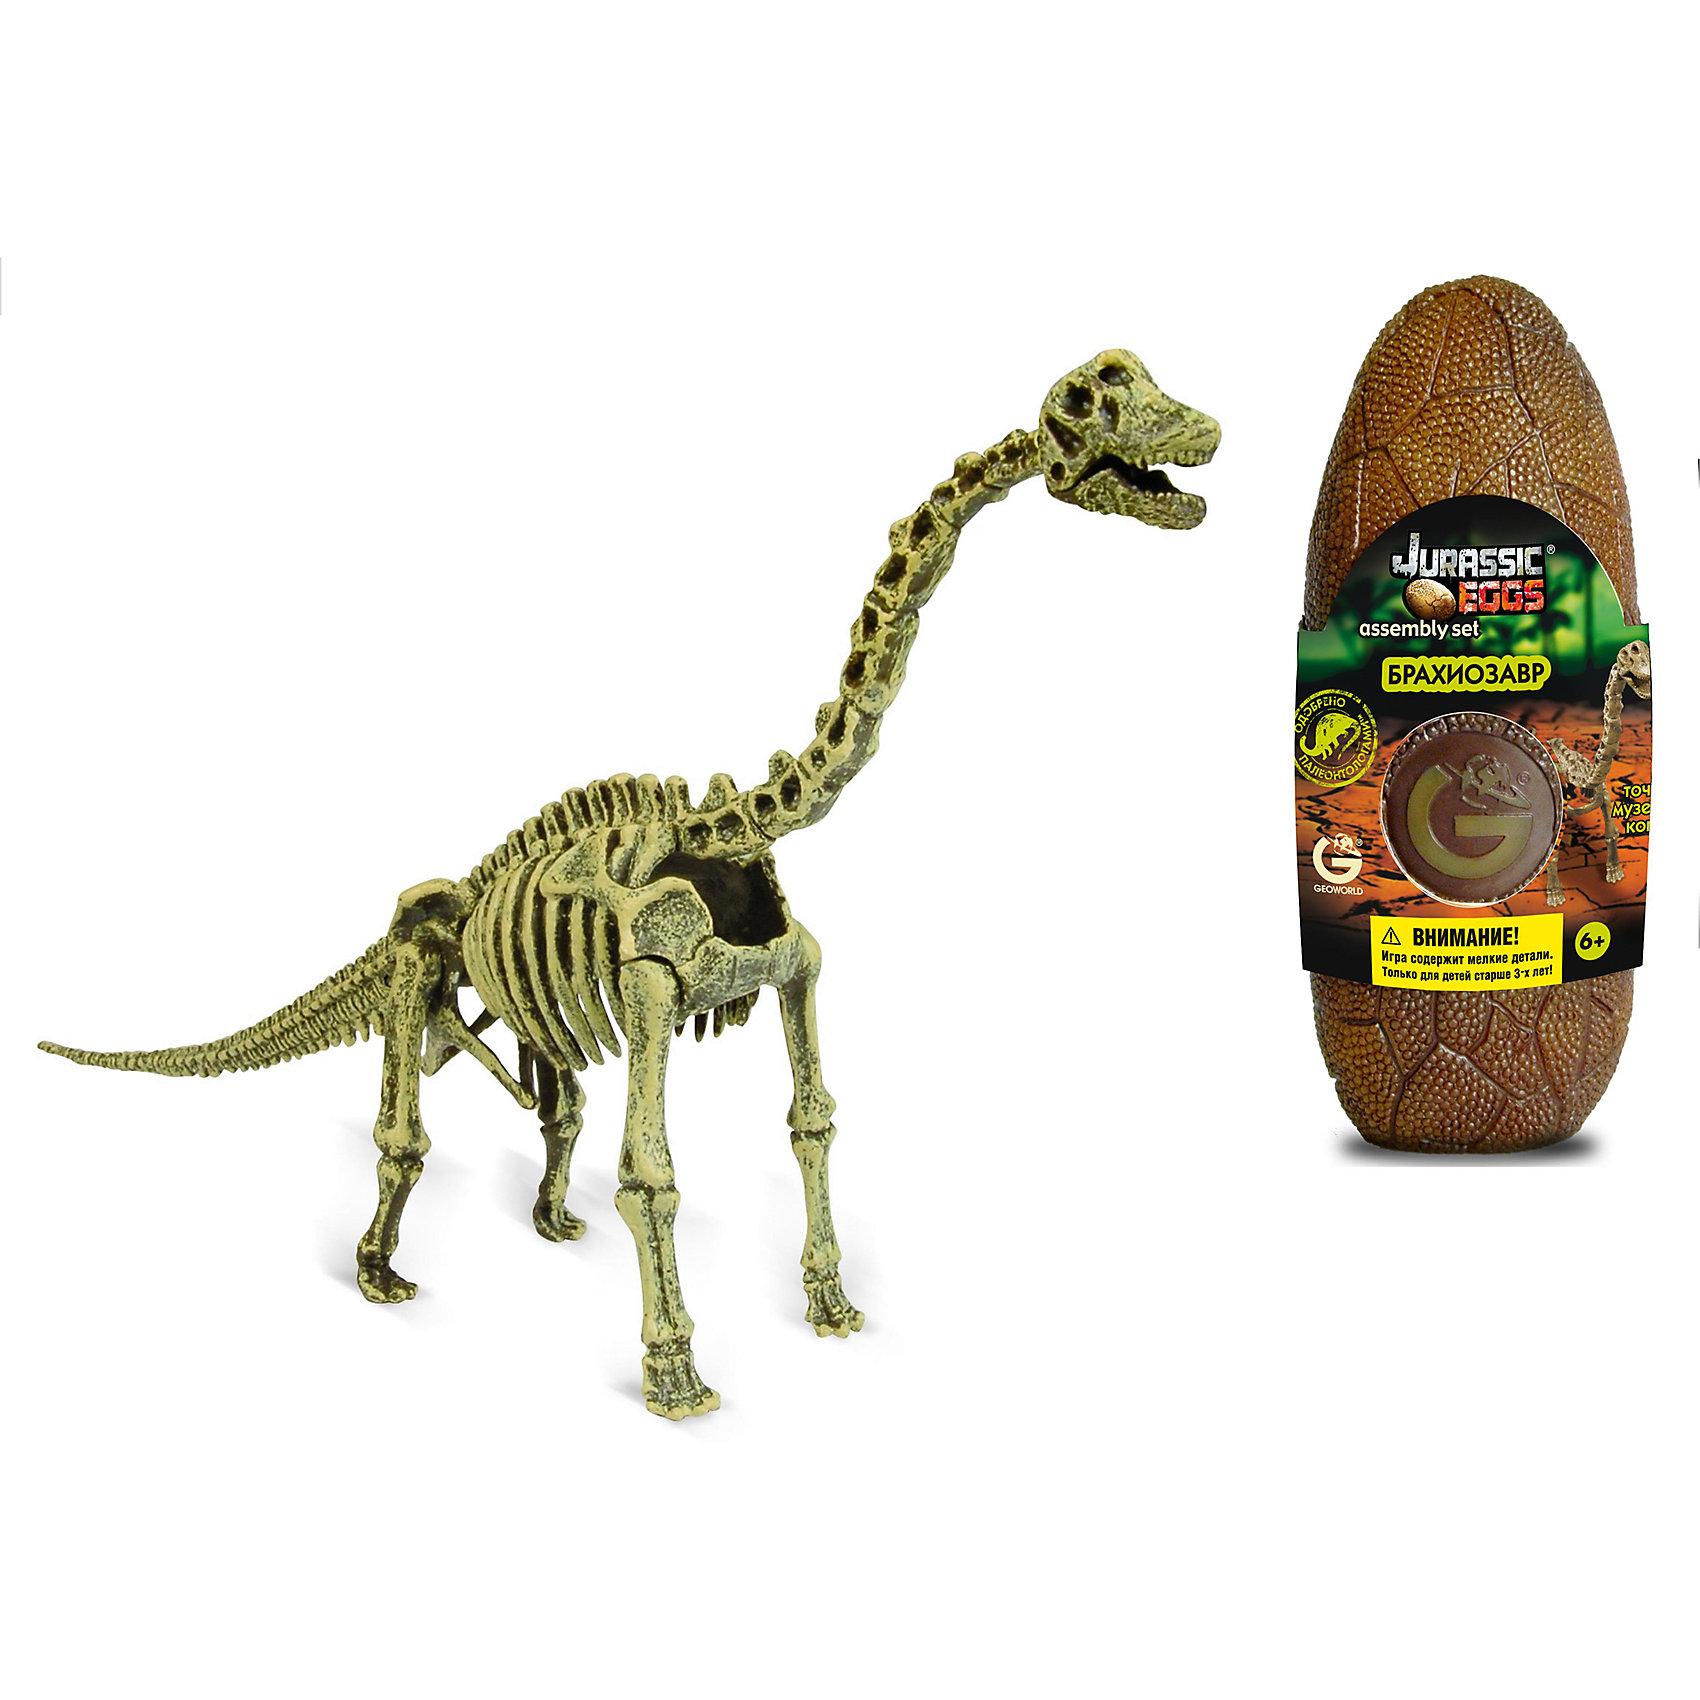 Яйцо динозавра - сборная модель Брахиозавр, GeoworldСборная модель брахиозавра — это возможность для юного палеонтолога своими руками собрать из специальных деталей экспонат музейного качества. В итальянской компании Geoworld лично ее владелец — доктор палеонтологических наук - следит за качеством каждой выпускаемой копии динозавра. Поэтому этот набор представляет не только развивающий, но и познавательный интерес. Все детали для сборки спрятаны внутрь яйца, которое имитирует яйцо древнего ящера. Брахиозавр — очень интересный вид, у него крайне длинная шея и маленькая голова. Он обитал в конце юрского периода, считается одним из самых высоких динозавров. Длина собранной модели: 28 см.  детали, яйцо, брошюра.<br><br>Ширина мм: 80<br>Глубина мм: 70<br>Высота мм: 200<br>Вес г: 190<br>Возраст от месяцев: 36<br>Возраст до месяцев: 96<br>Пол: Унисекс<br>Возраст: Детский<br>SKU: 5418980